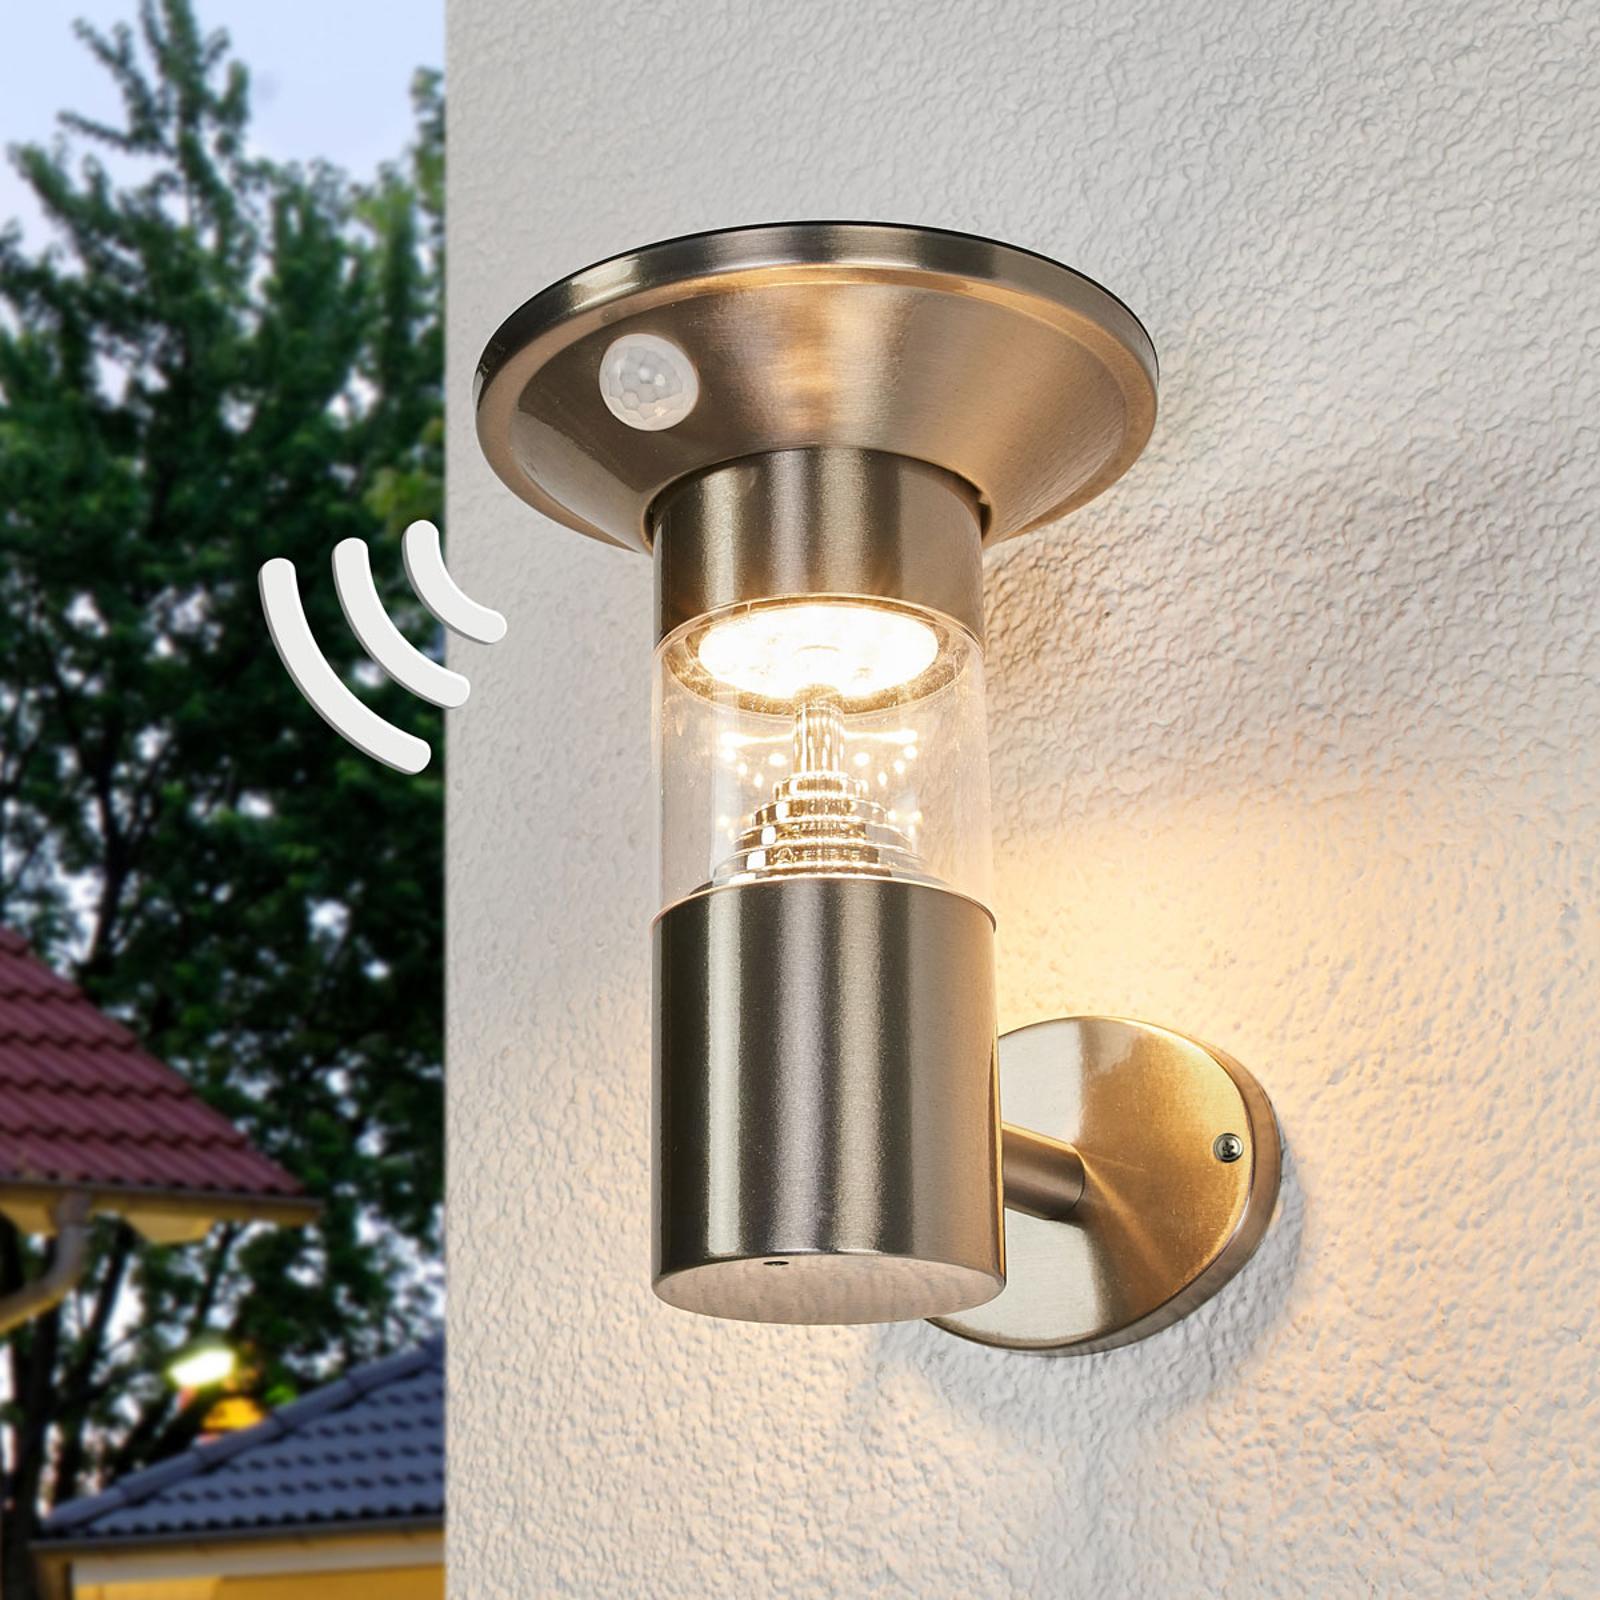 LED-solcellelampe Jalisa i rustfritt stål, sensor